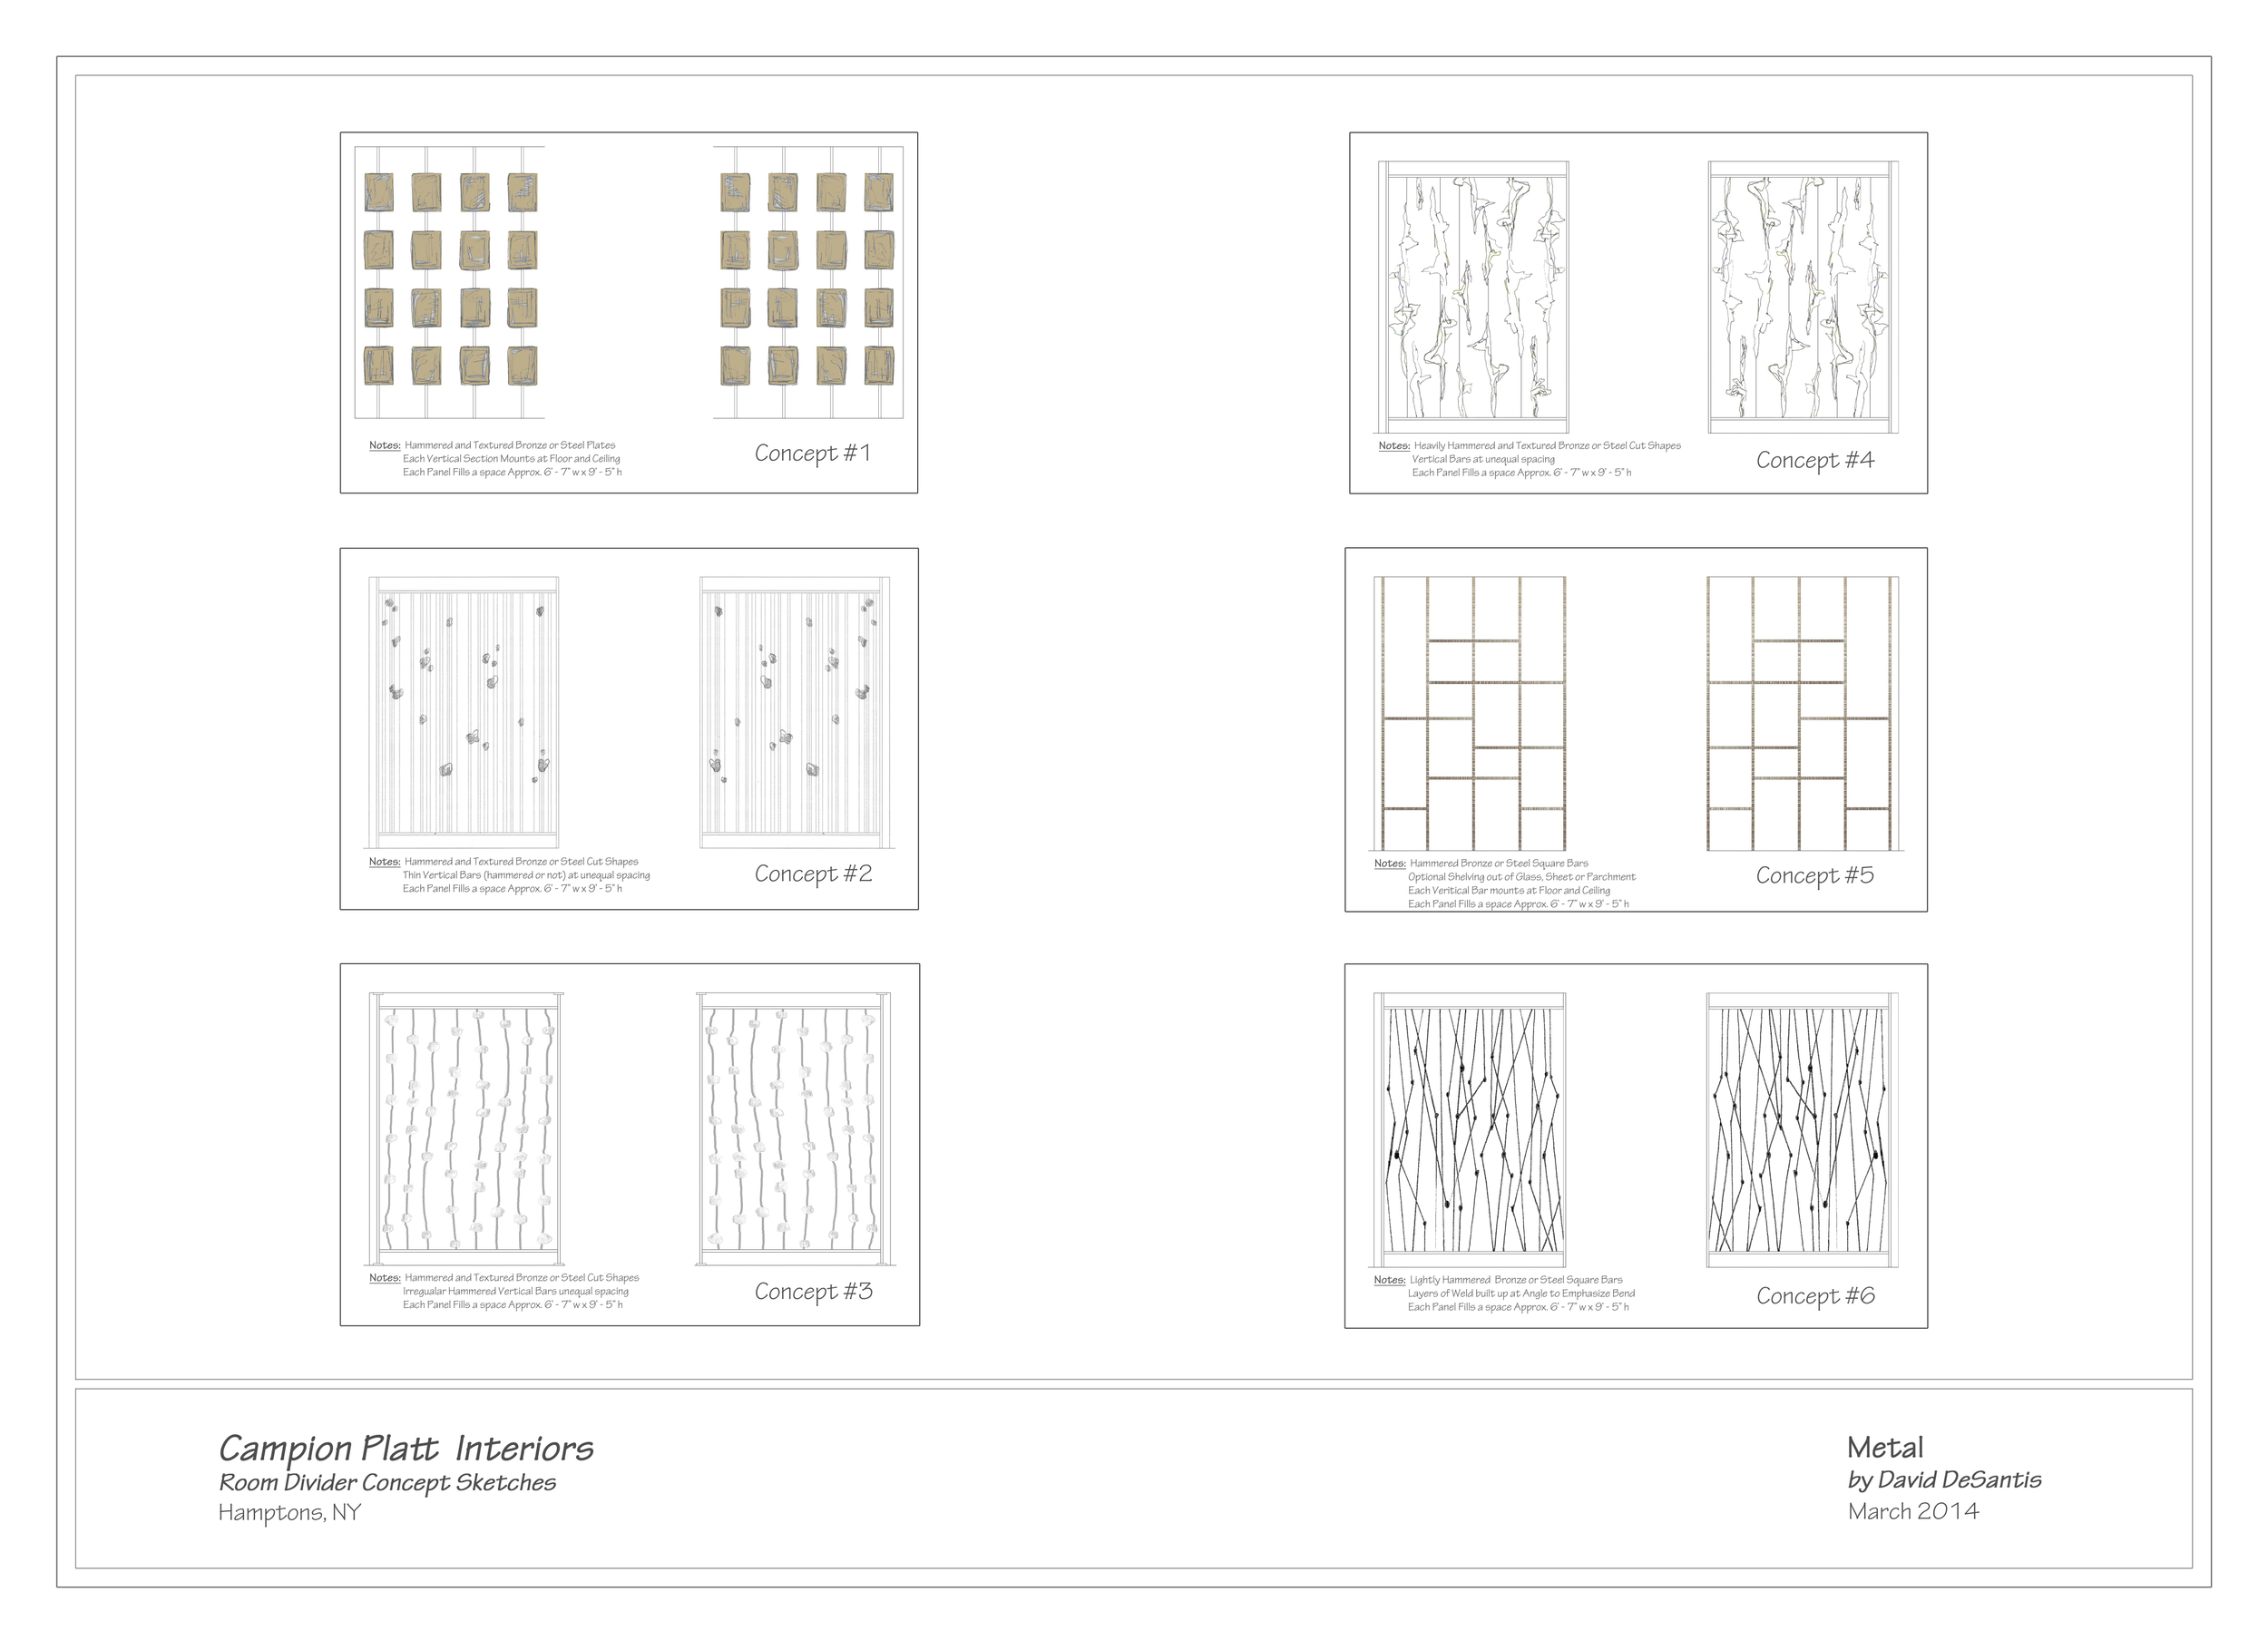 Campion Platt Room Dividers.jpg